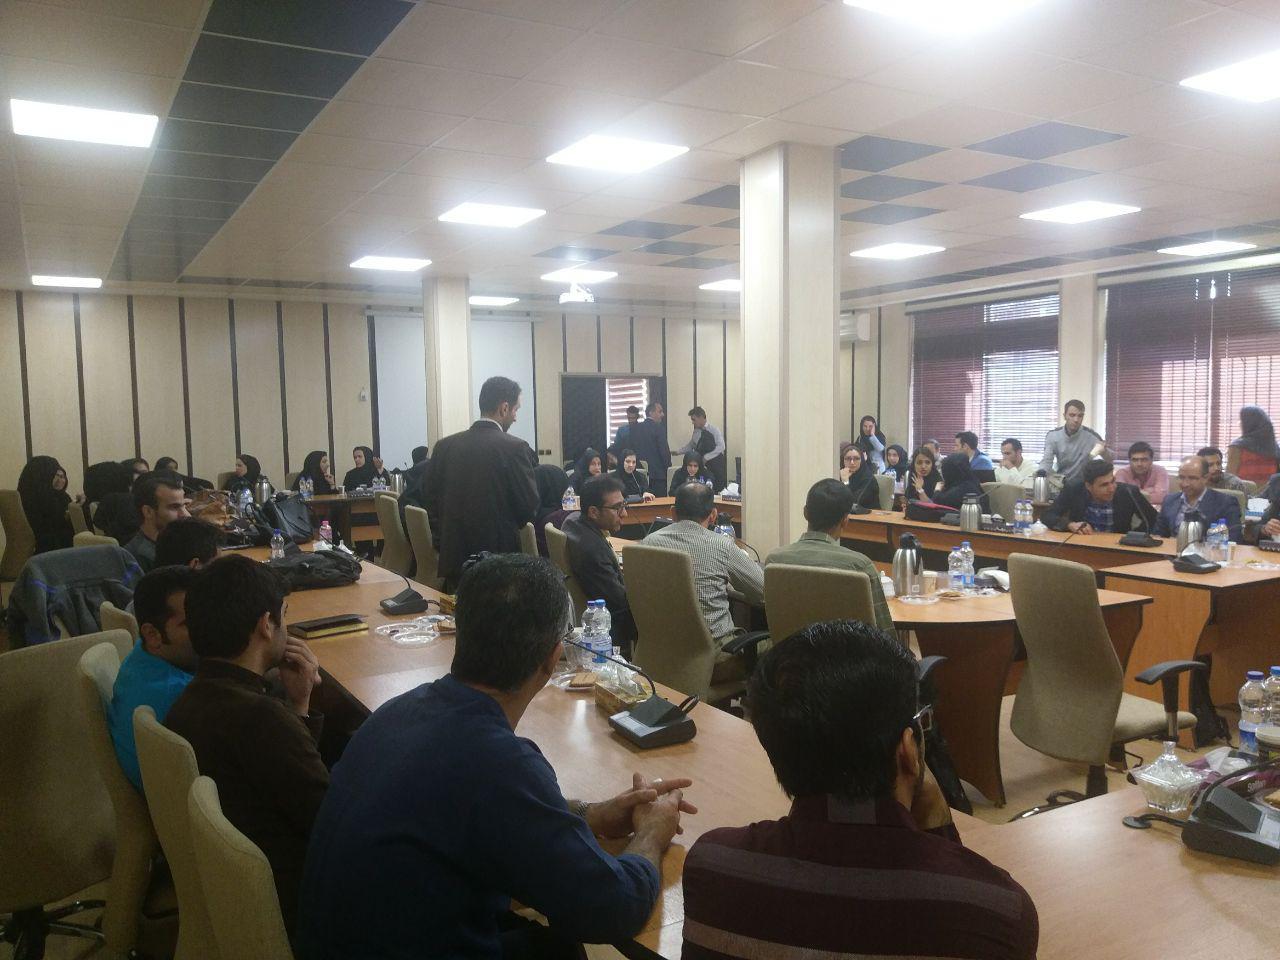 زمین شناسی دانشگاه شهید بهشتی، انجمن علمی زمین شناسی